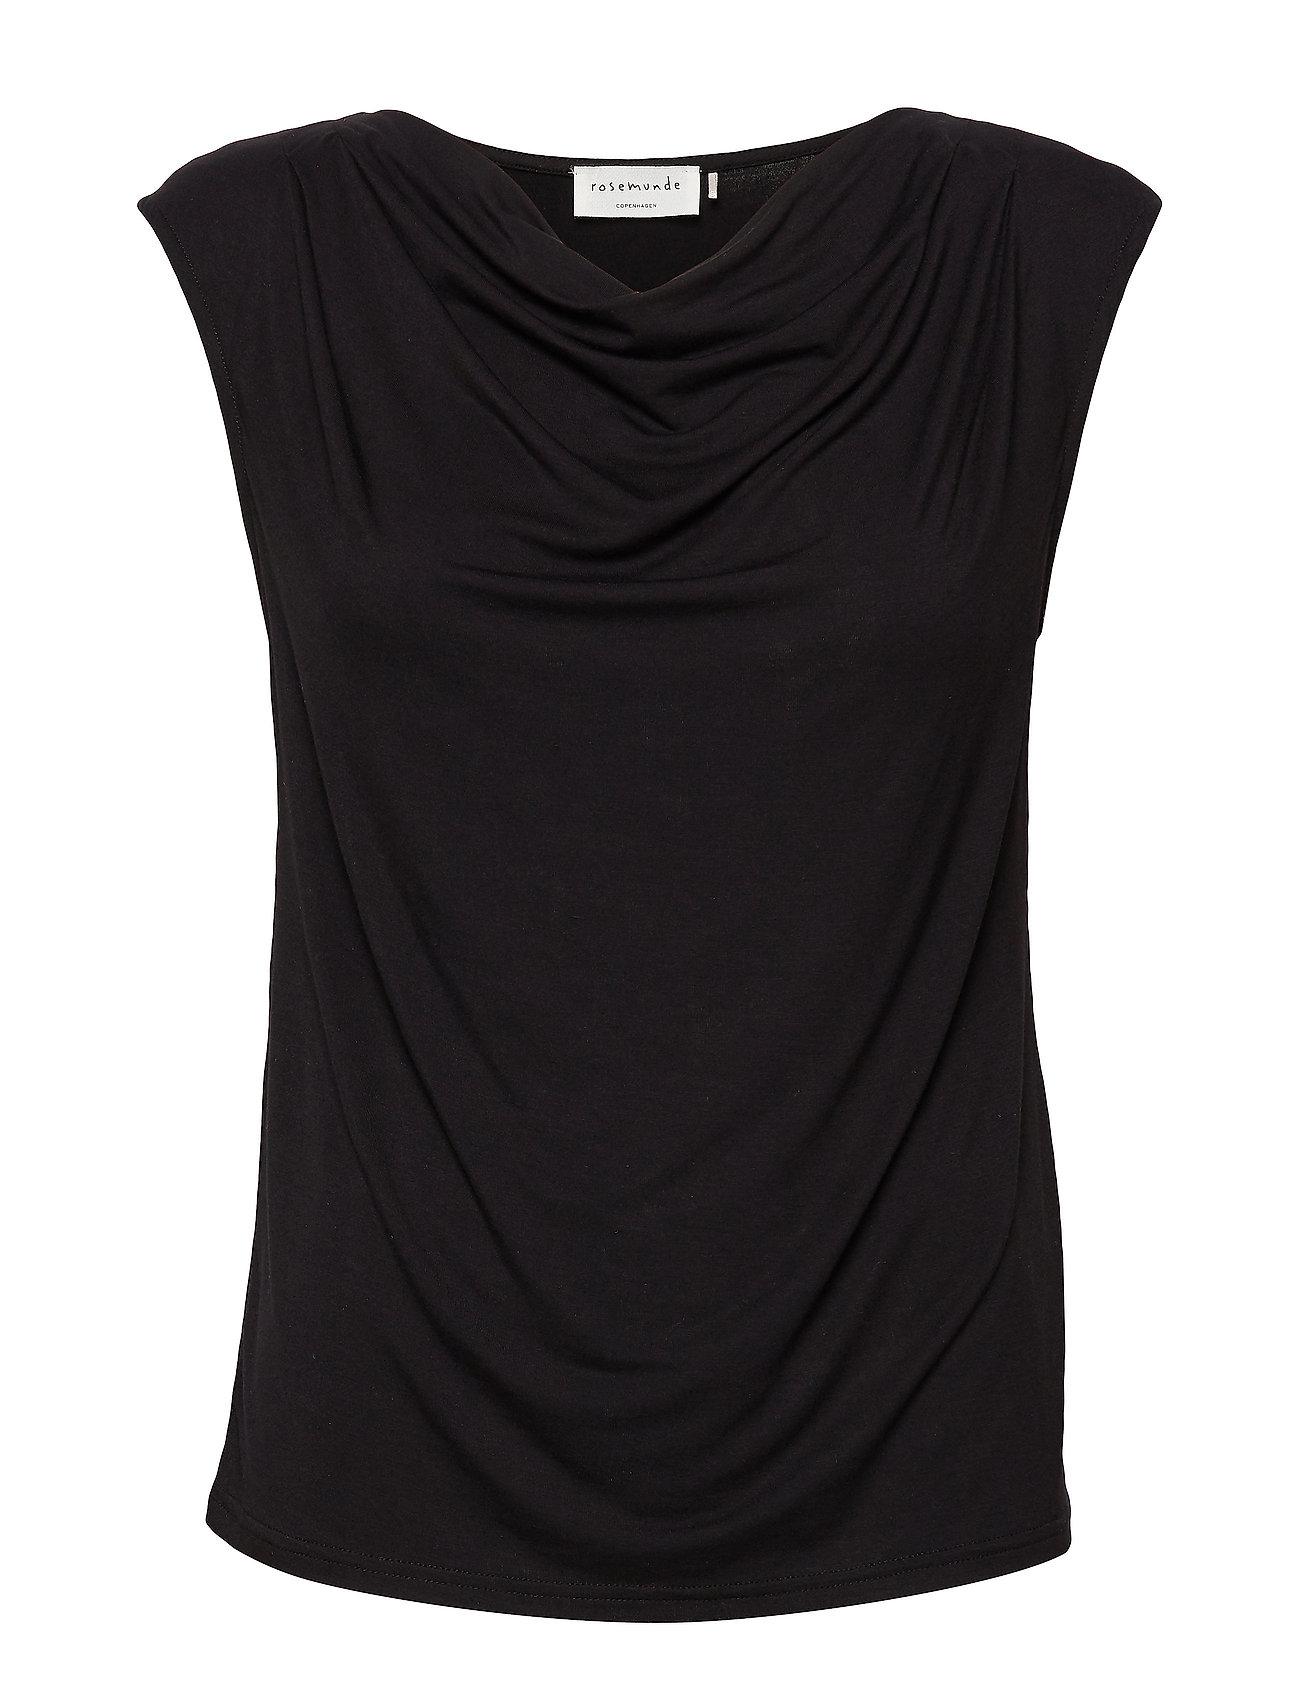 Rosemunde T-shirt ss - BLACK